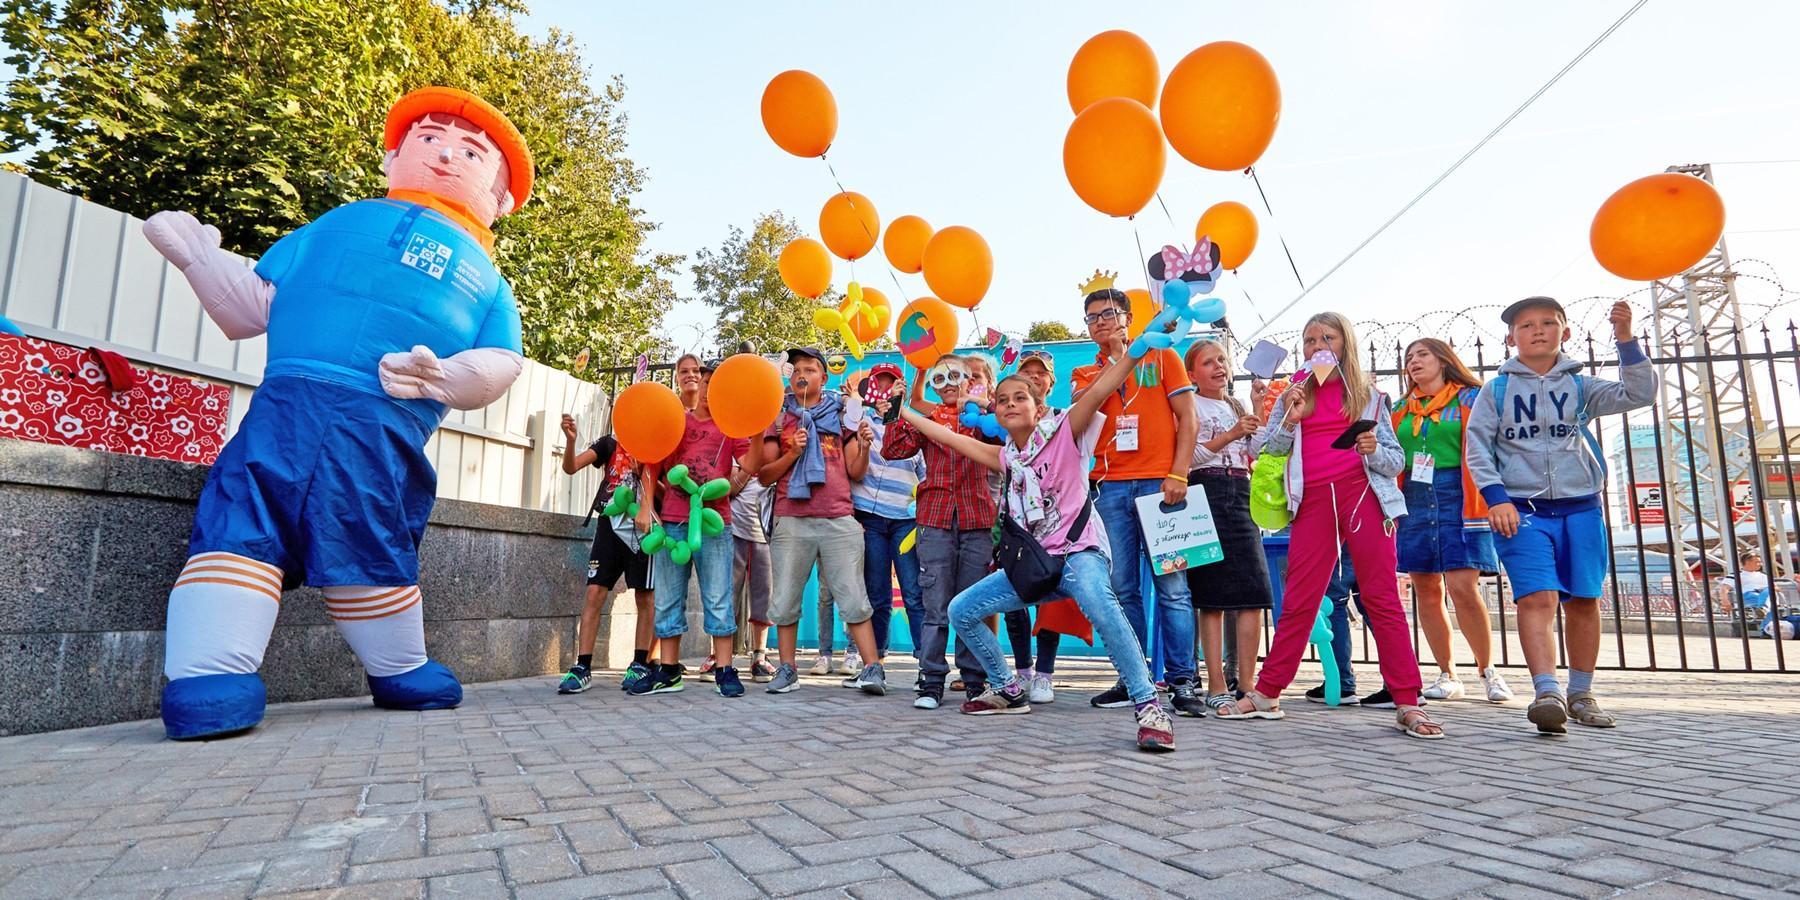 Фото Детского отдыха не будет: Кузбасс закрывает лагеря из-за вспышек коронавируса 2